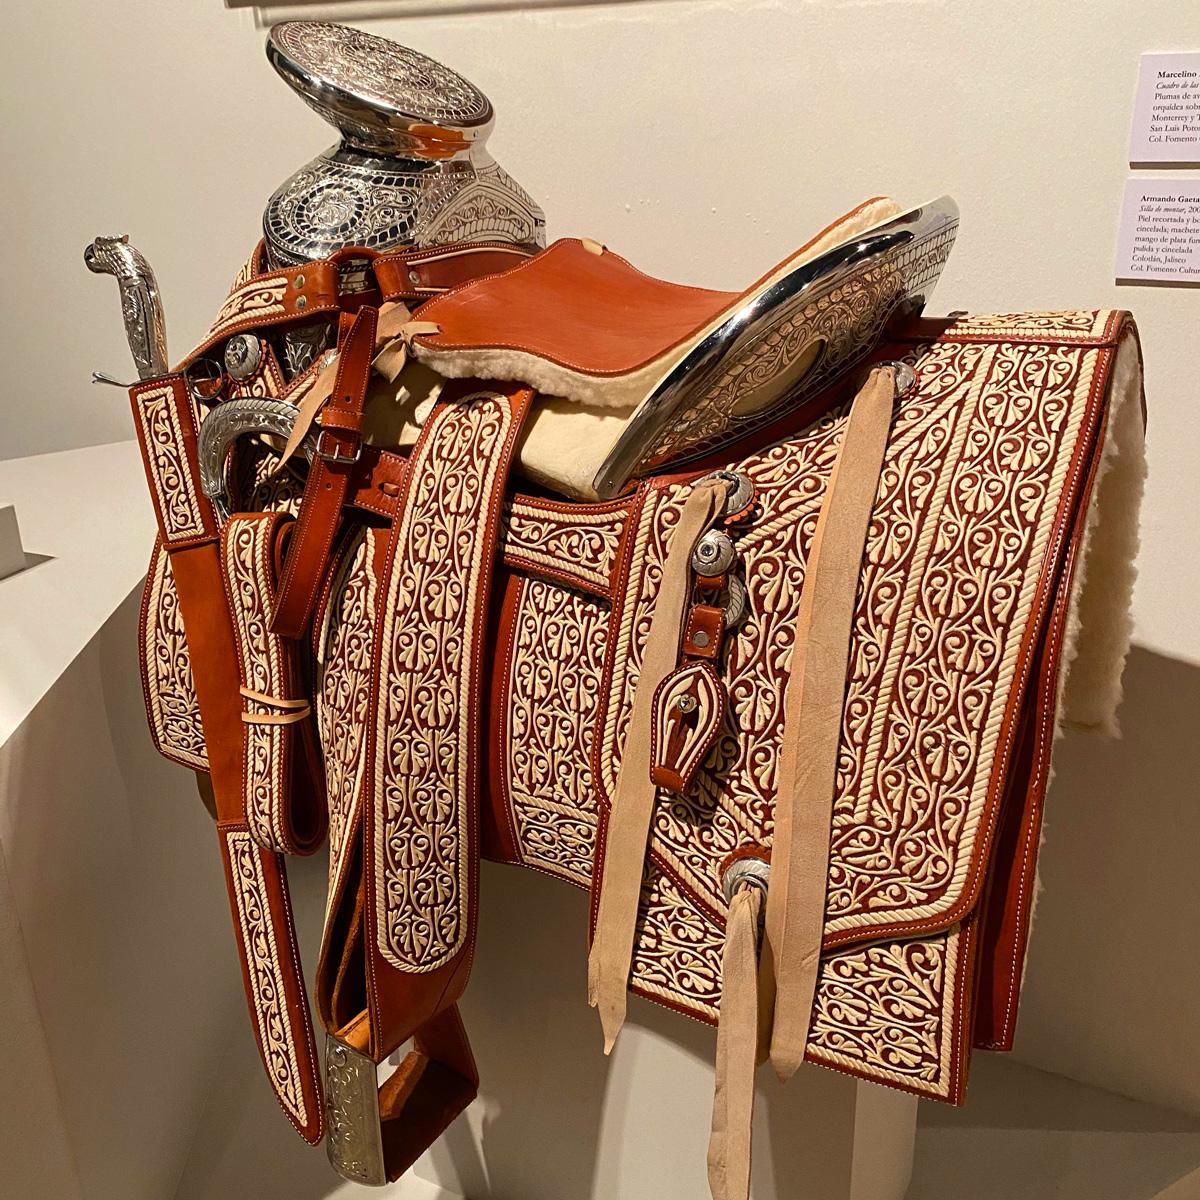 Выставка Великие мастера народного творчества, музей Noreste, Монтеррей